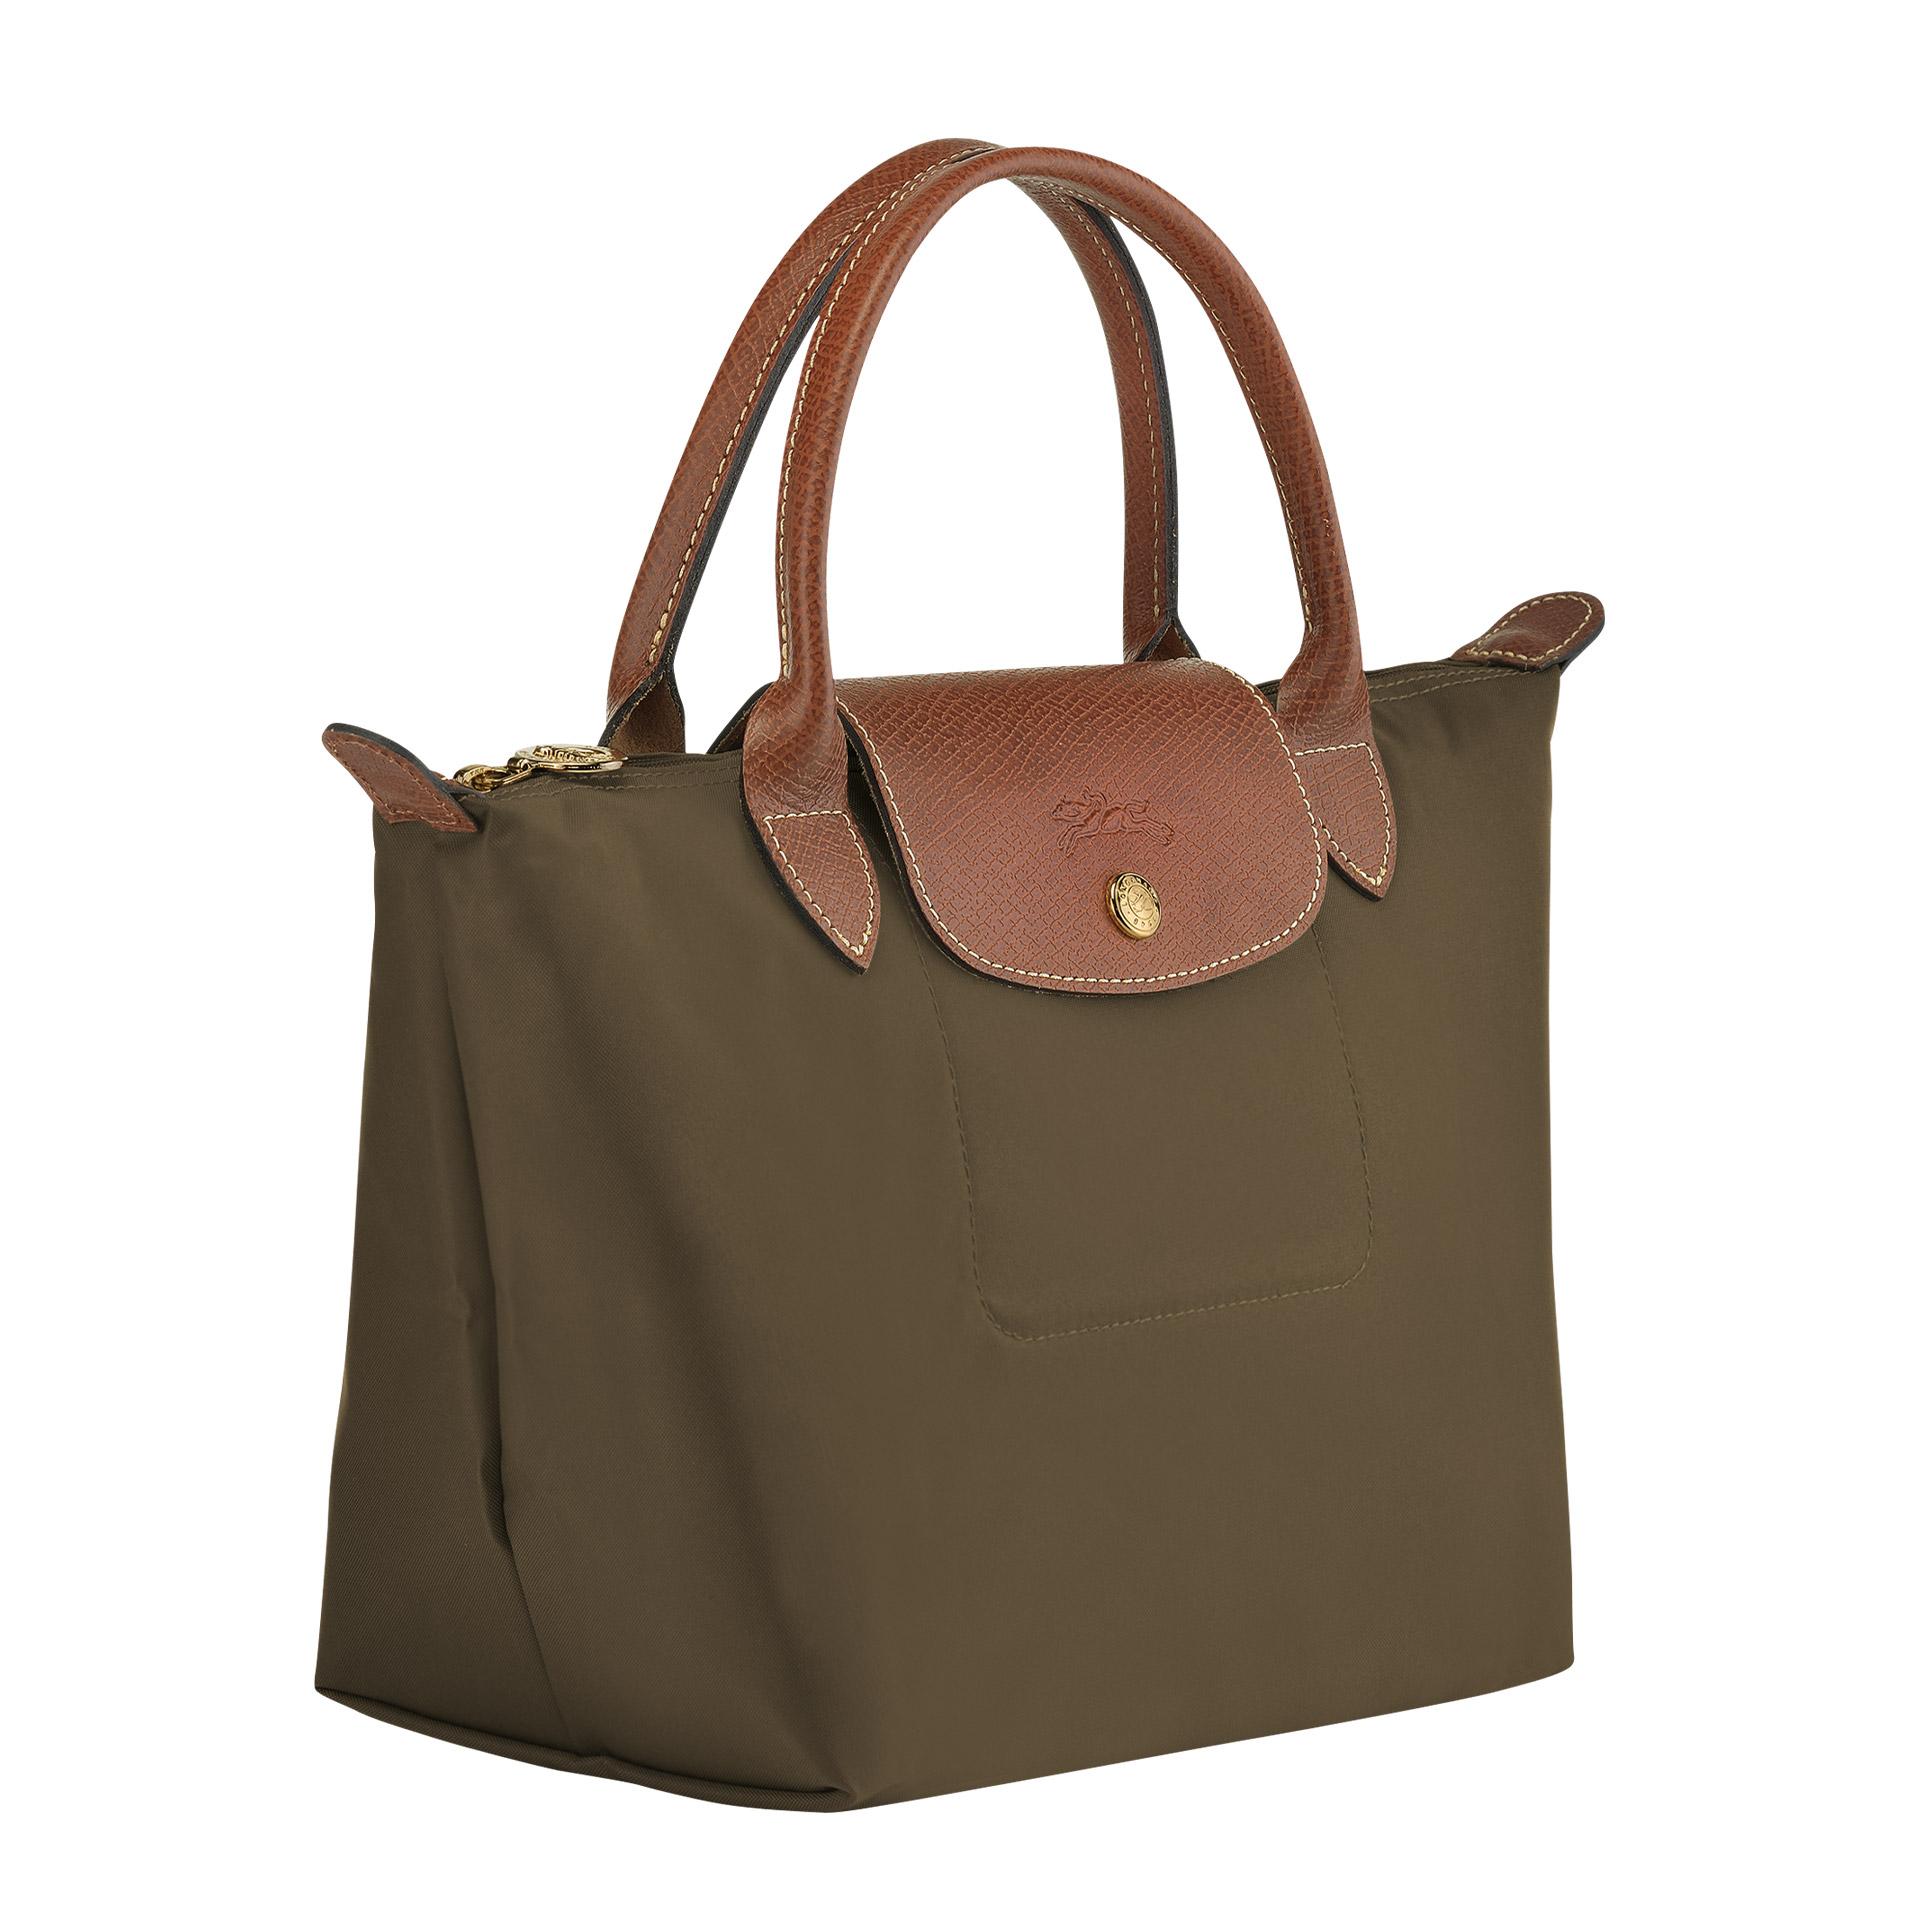 Le Pliage Handtasche S khaki